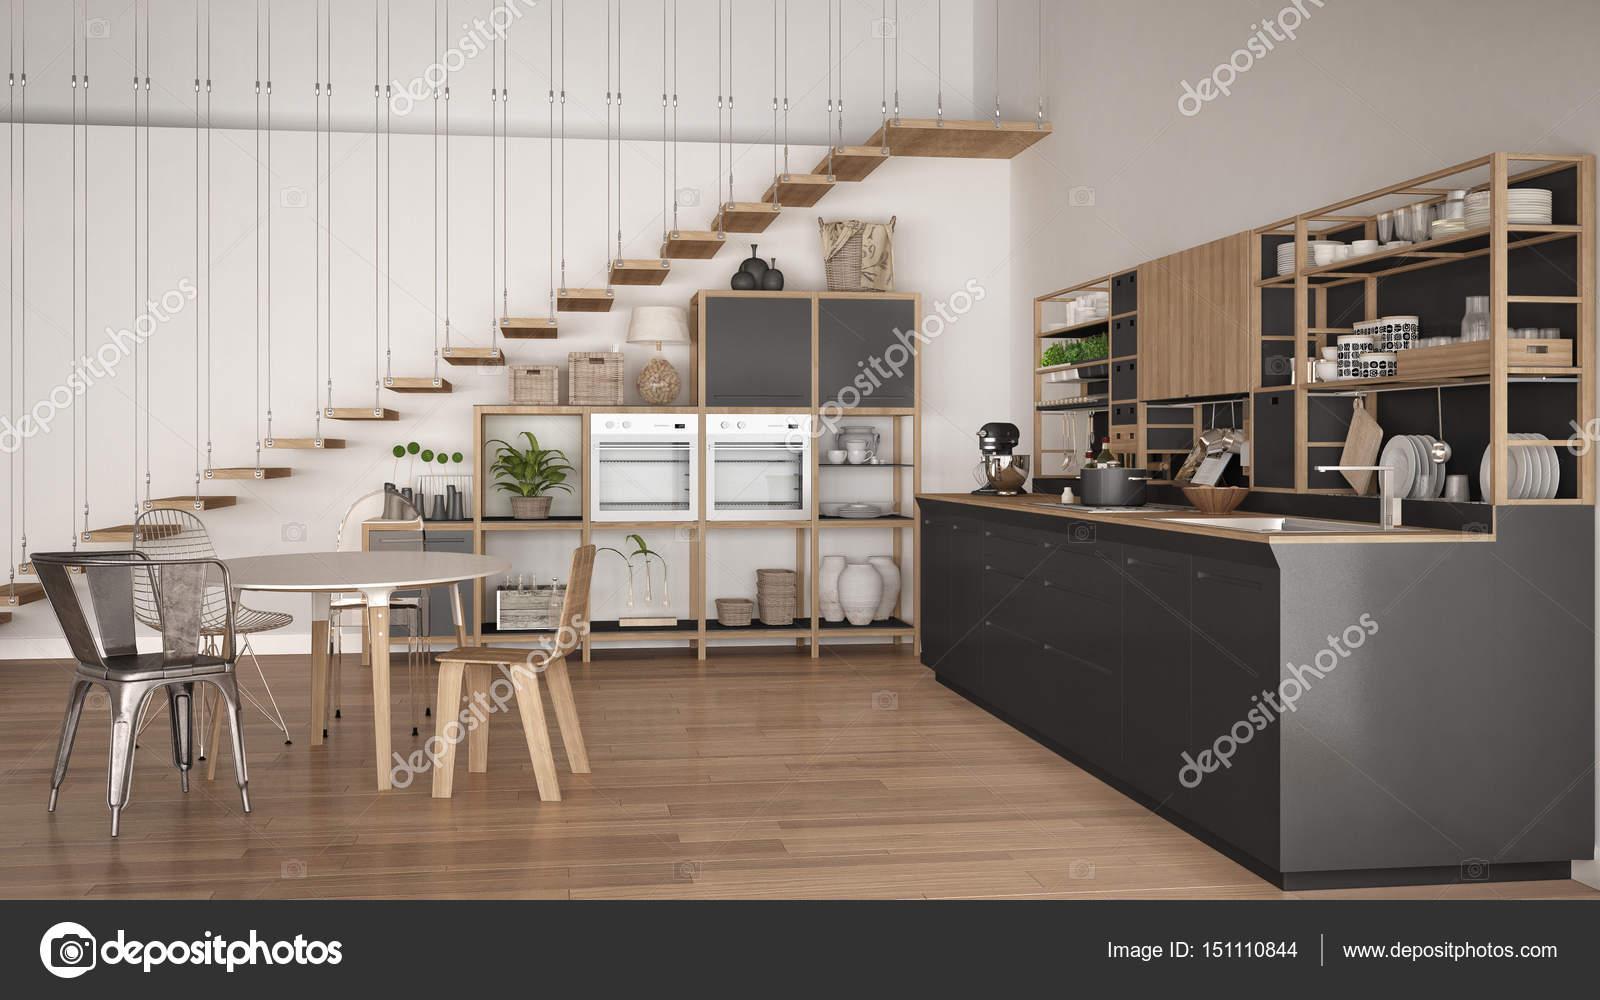 Cucina minimalista bianca e grigia in legno, soppalco con scale ...